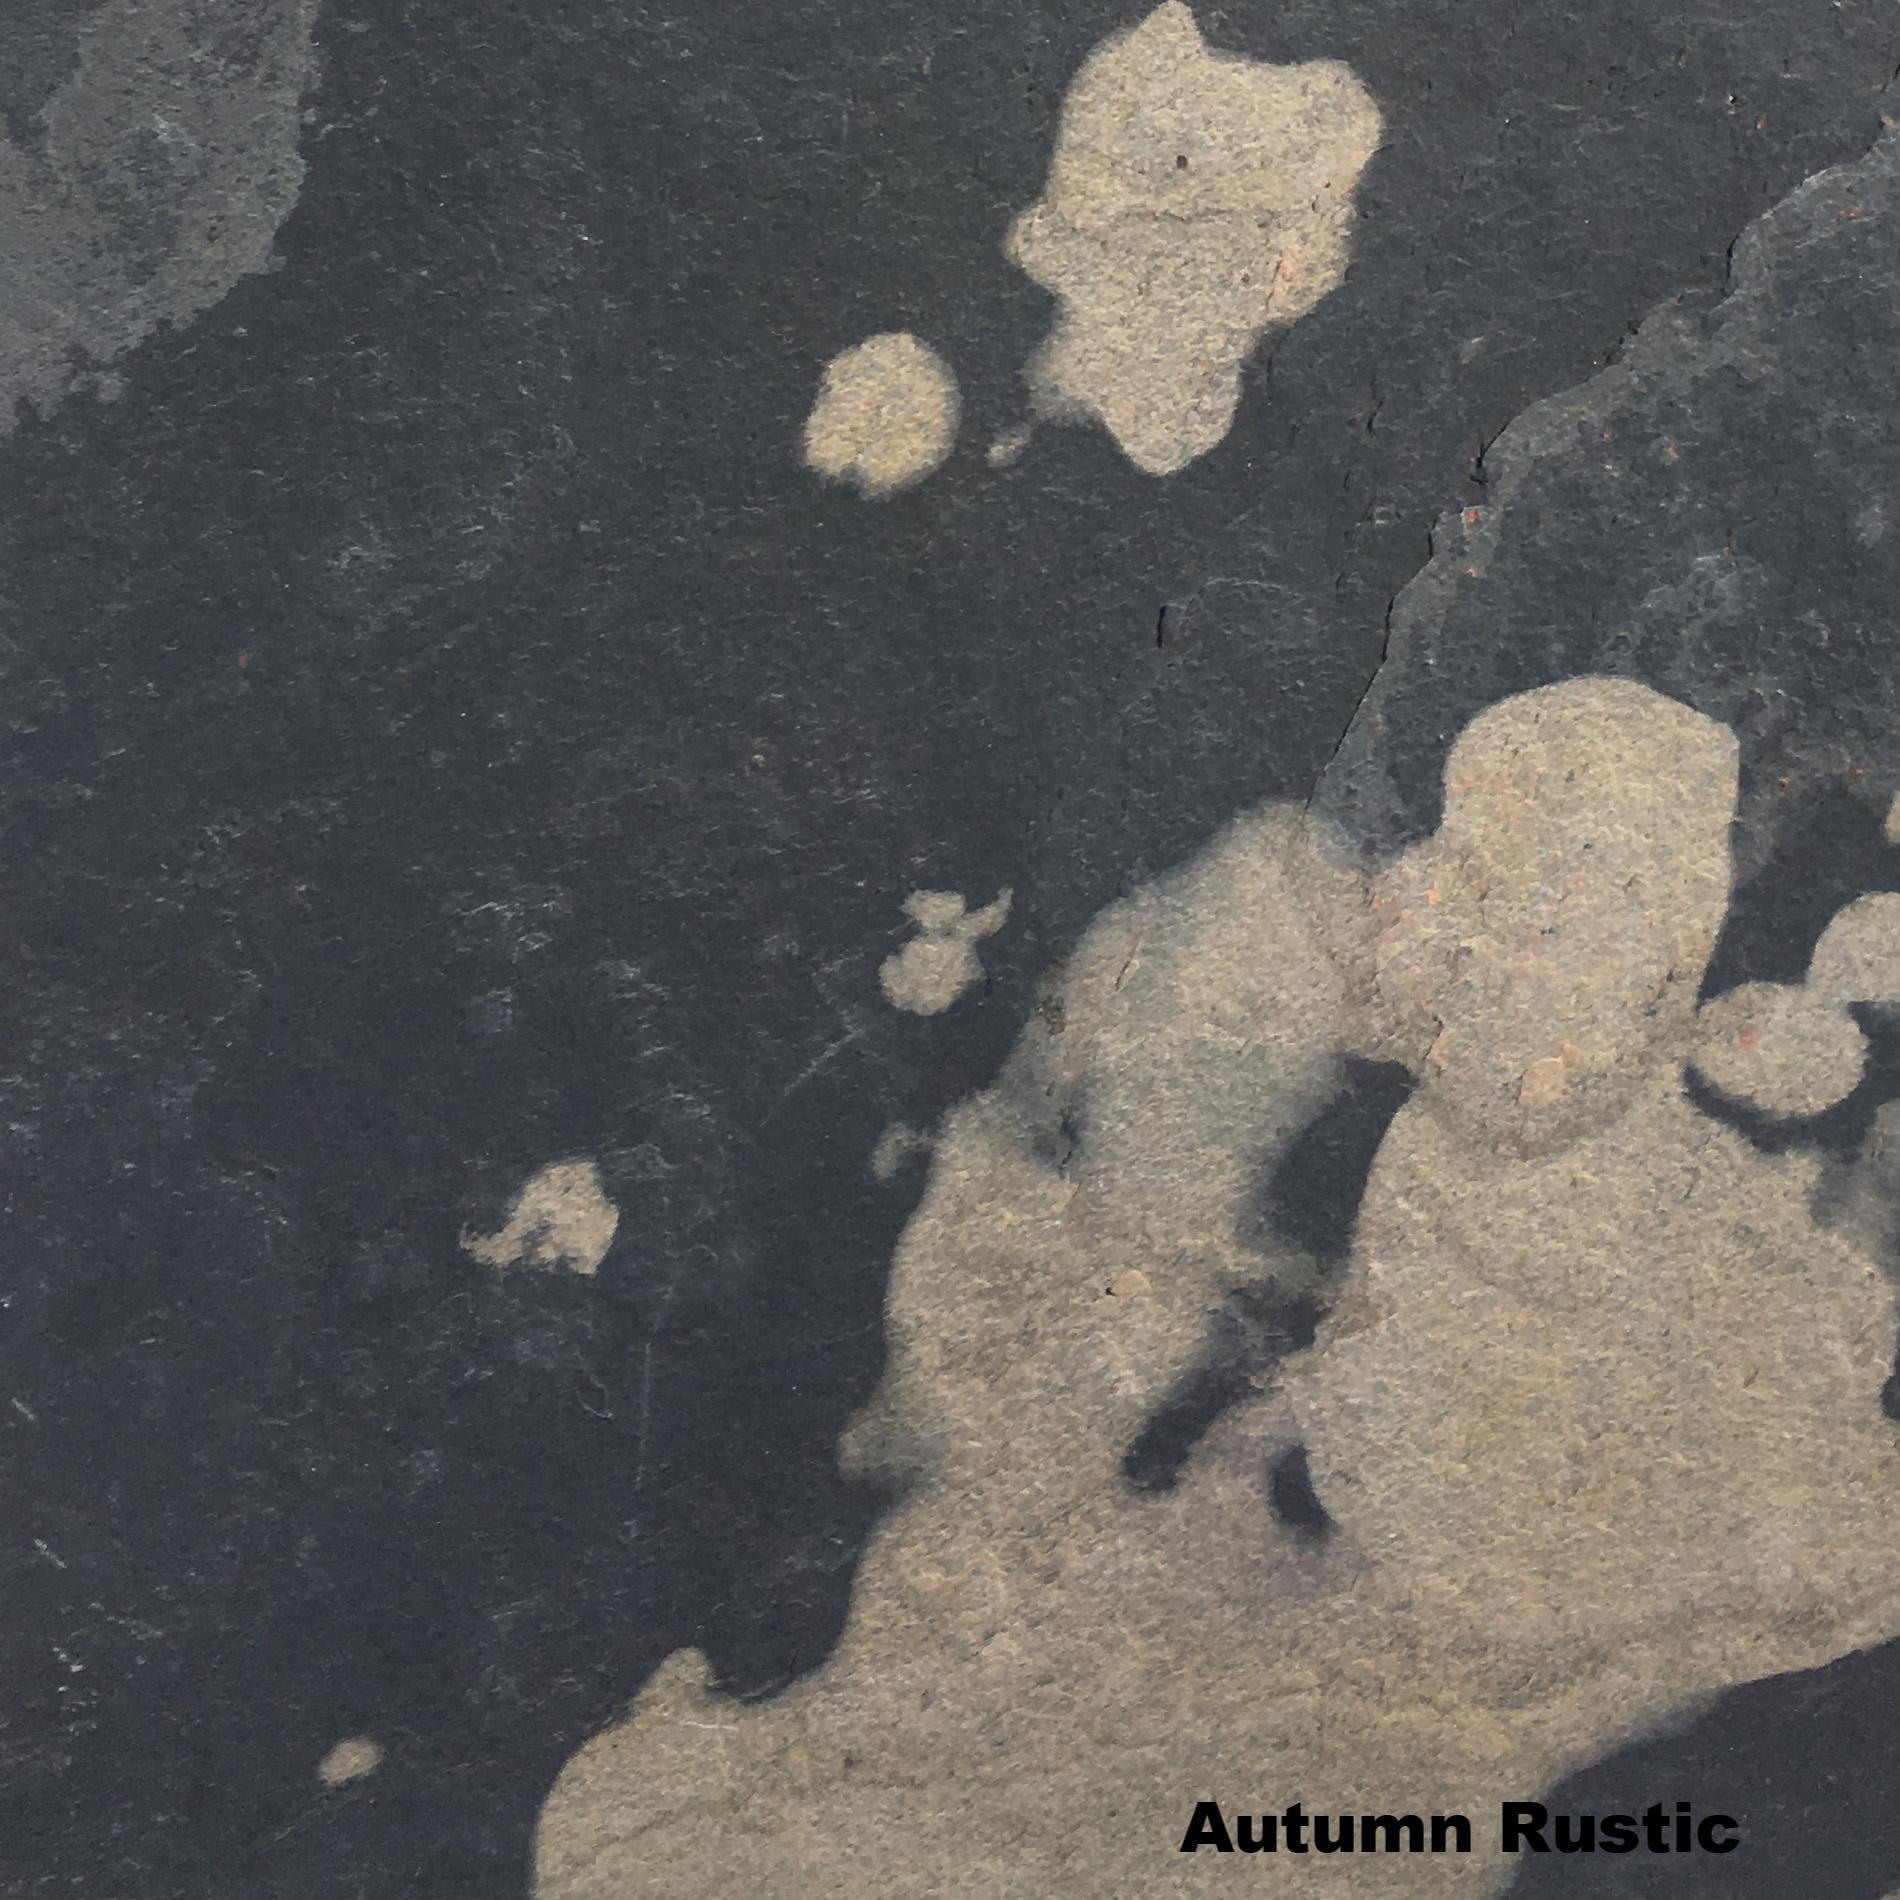 Autumn Rustic 170.JPG